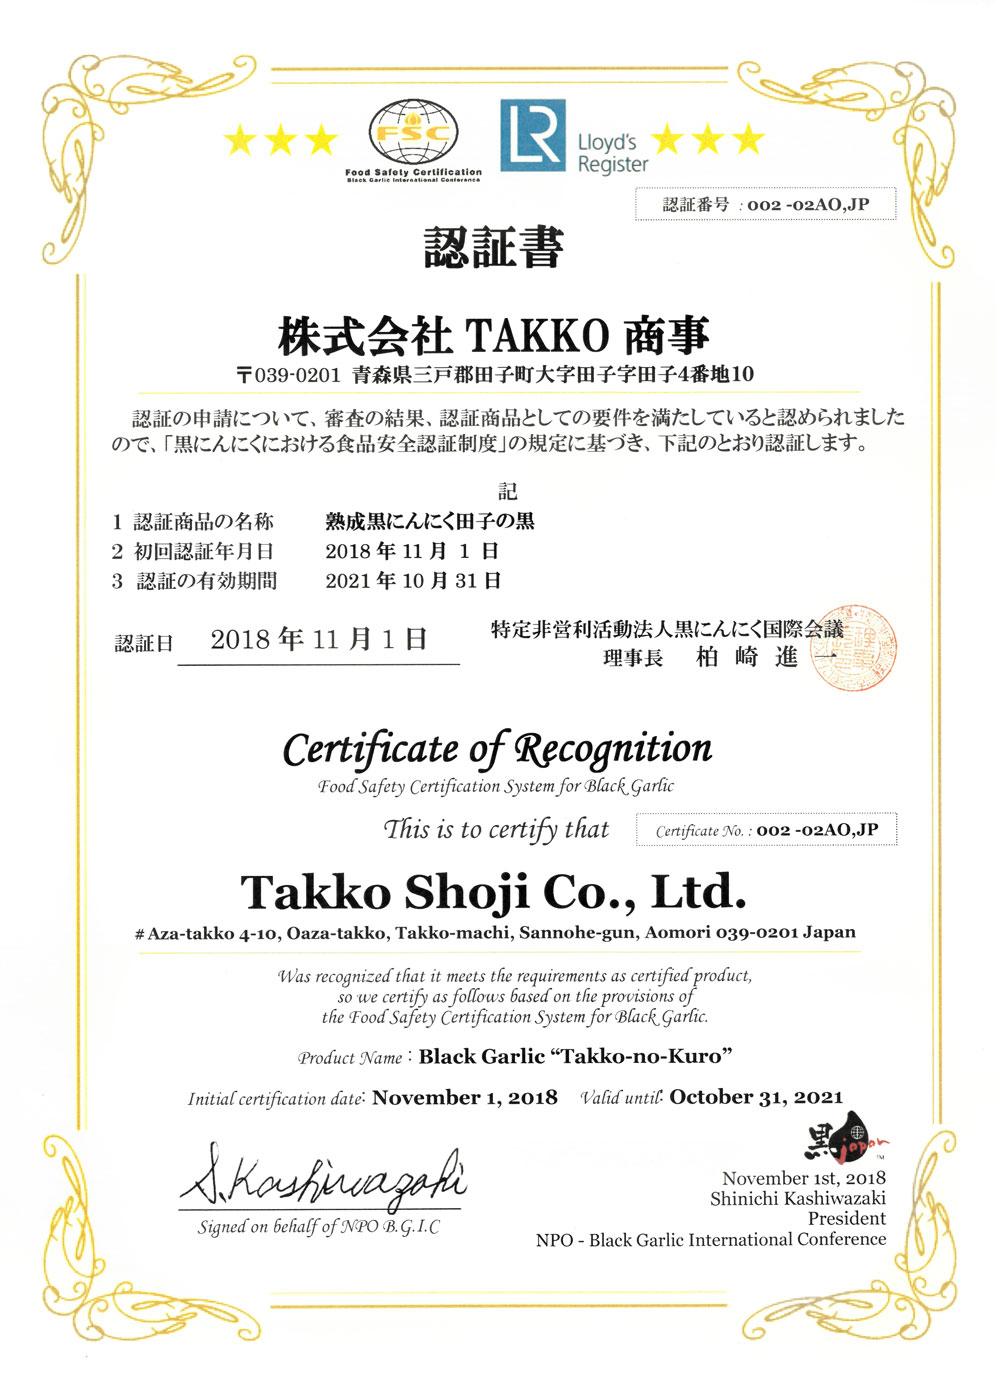 黒にんにくにおける食品安全認証制度(FSC)